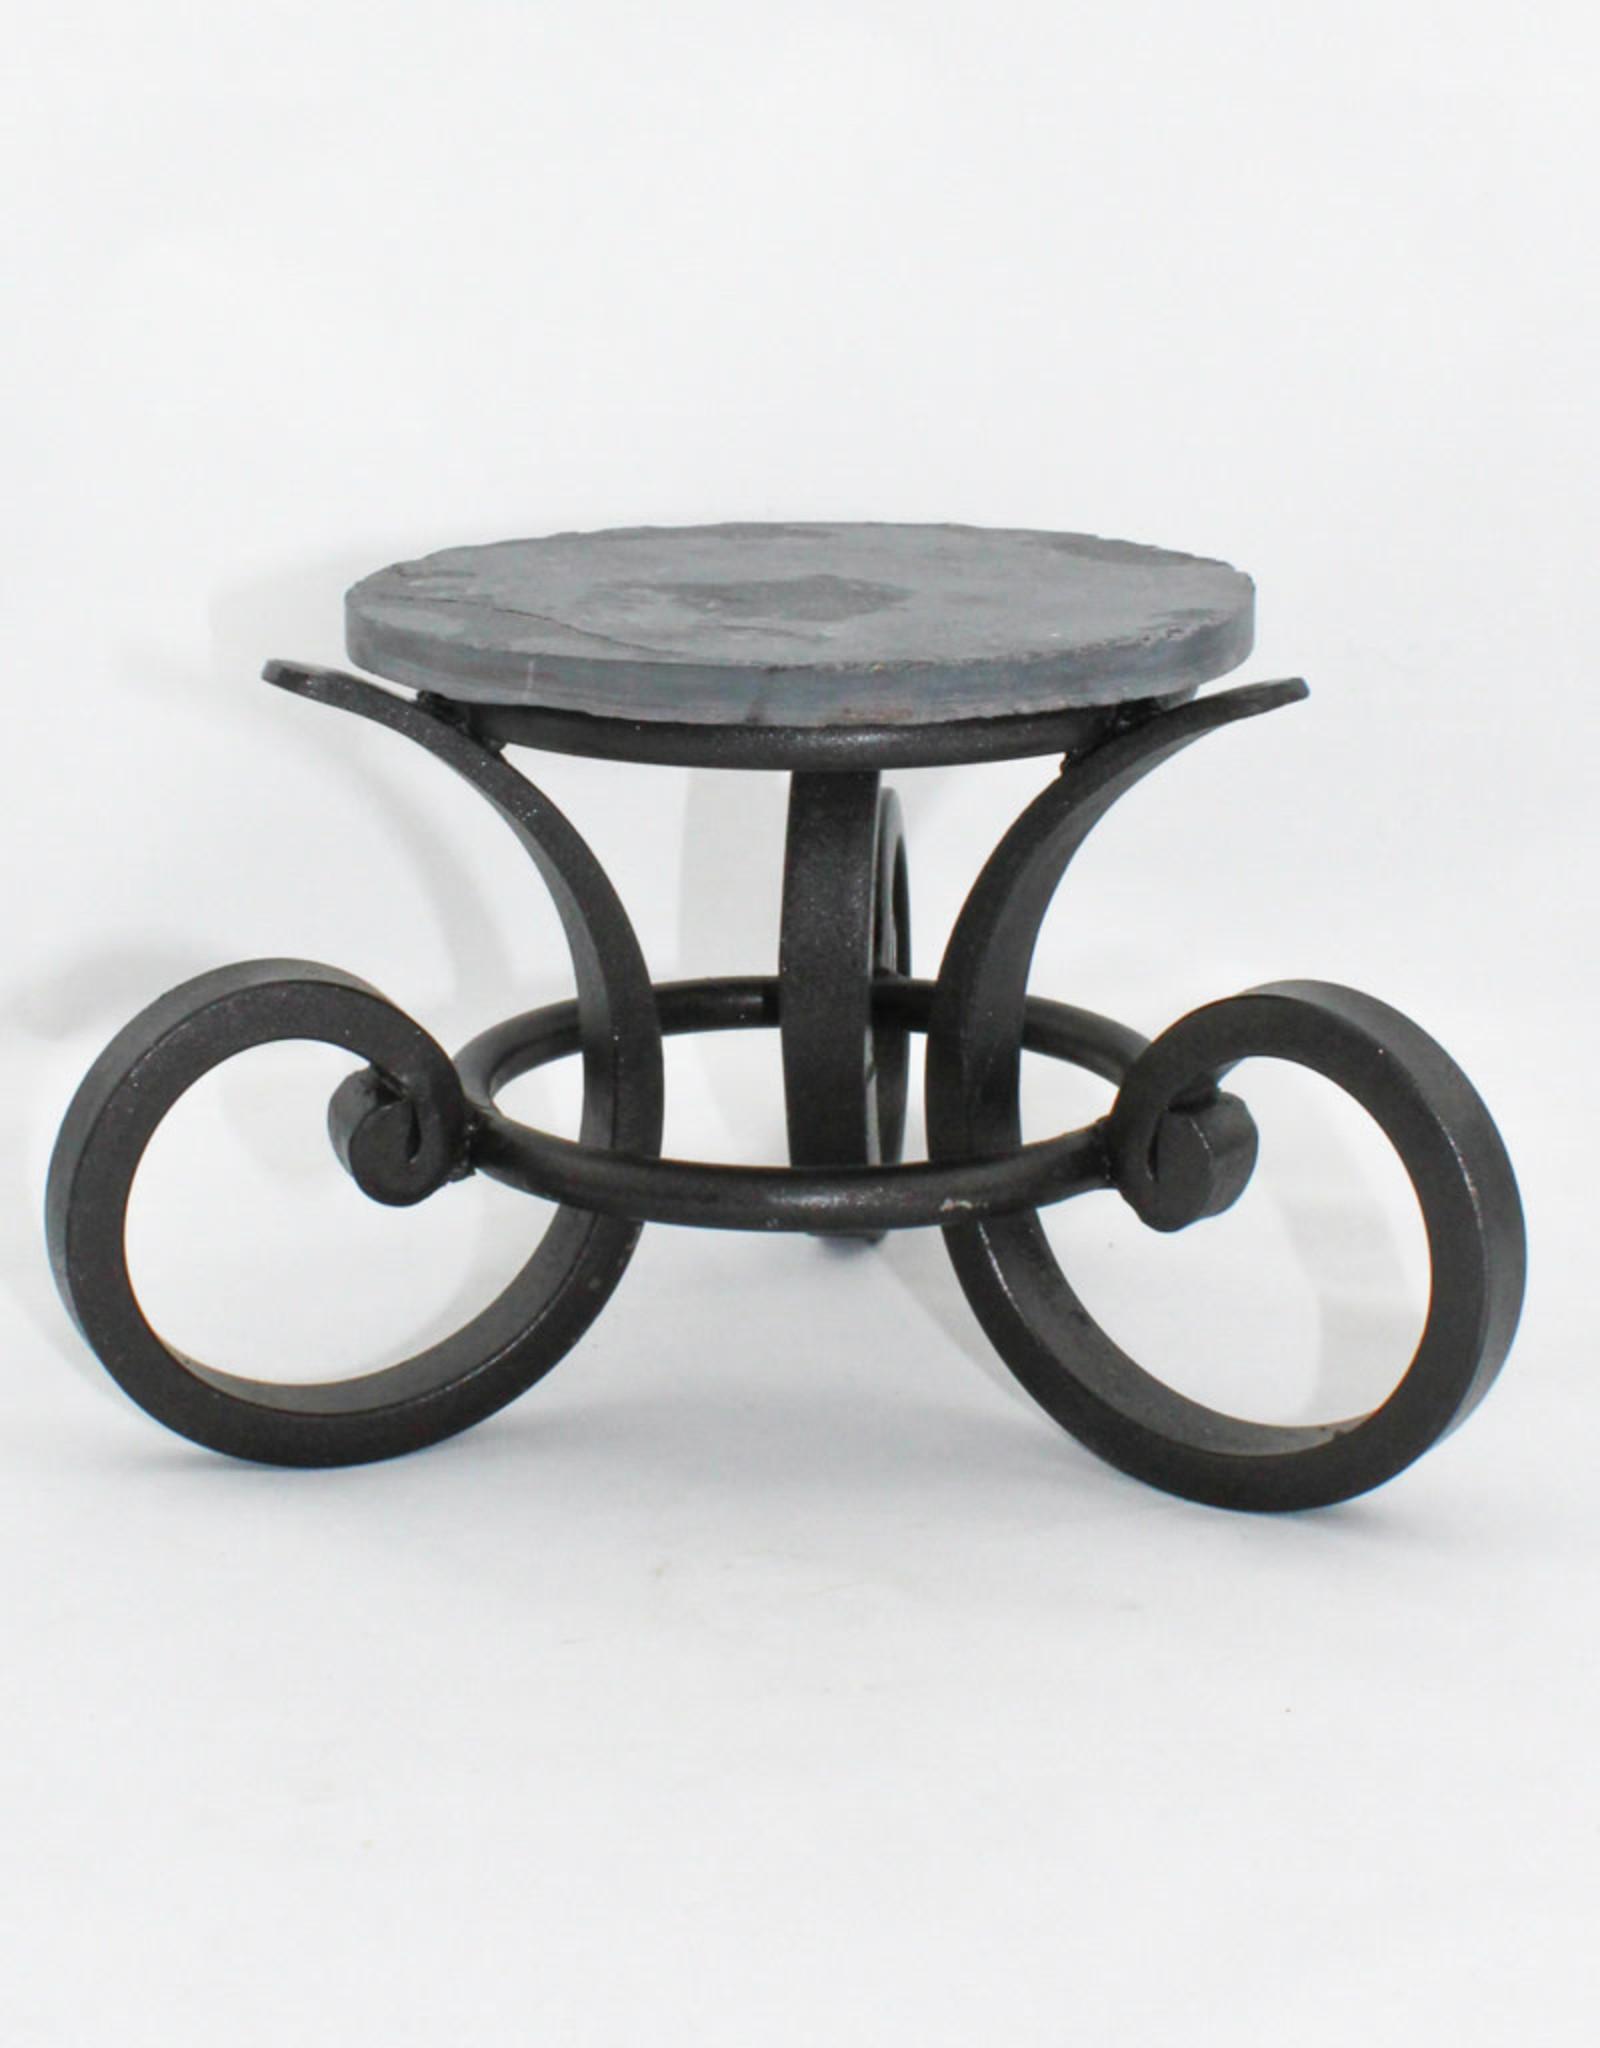 Fresh Cut Glass Wrought Iron Stand-Black Finish